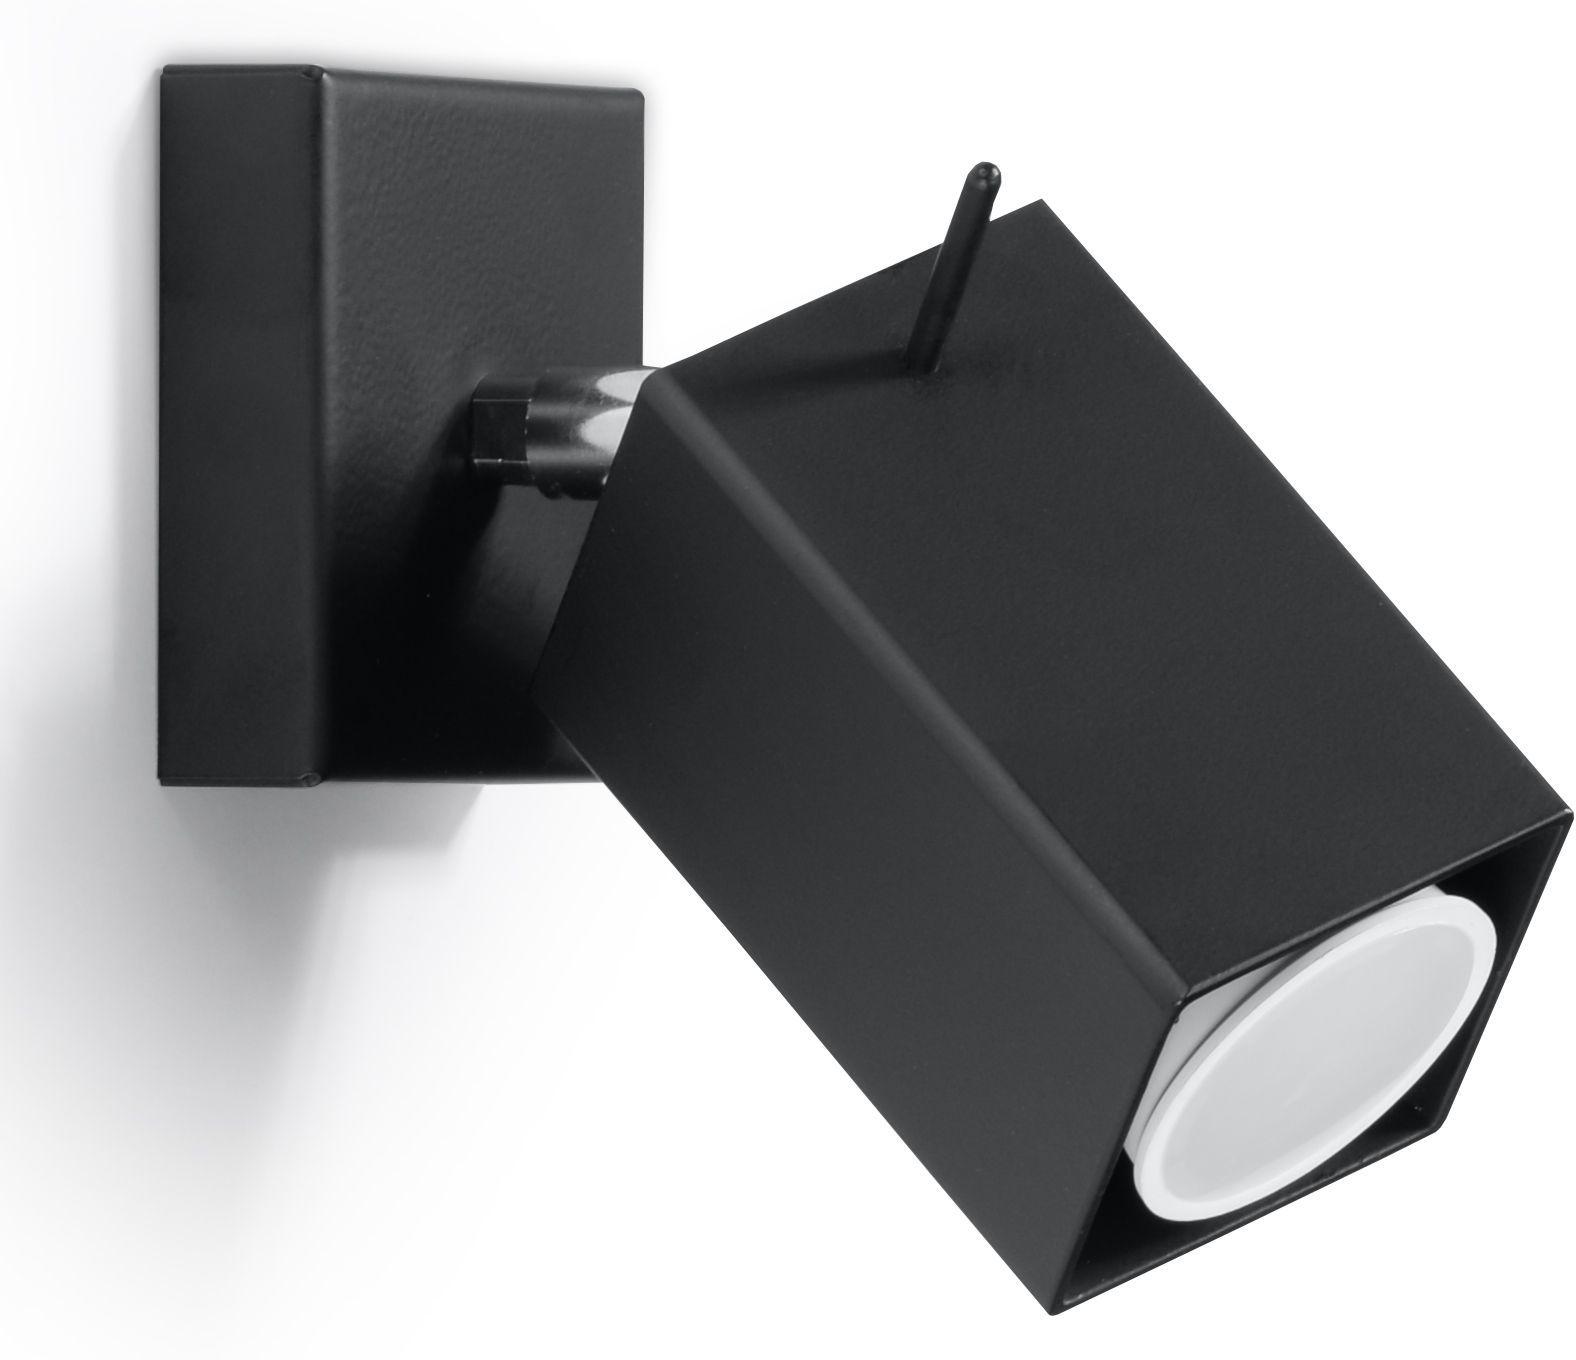 Kinkiet do kuchni LED E721-Merids - czarny